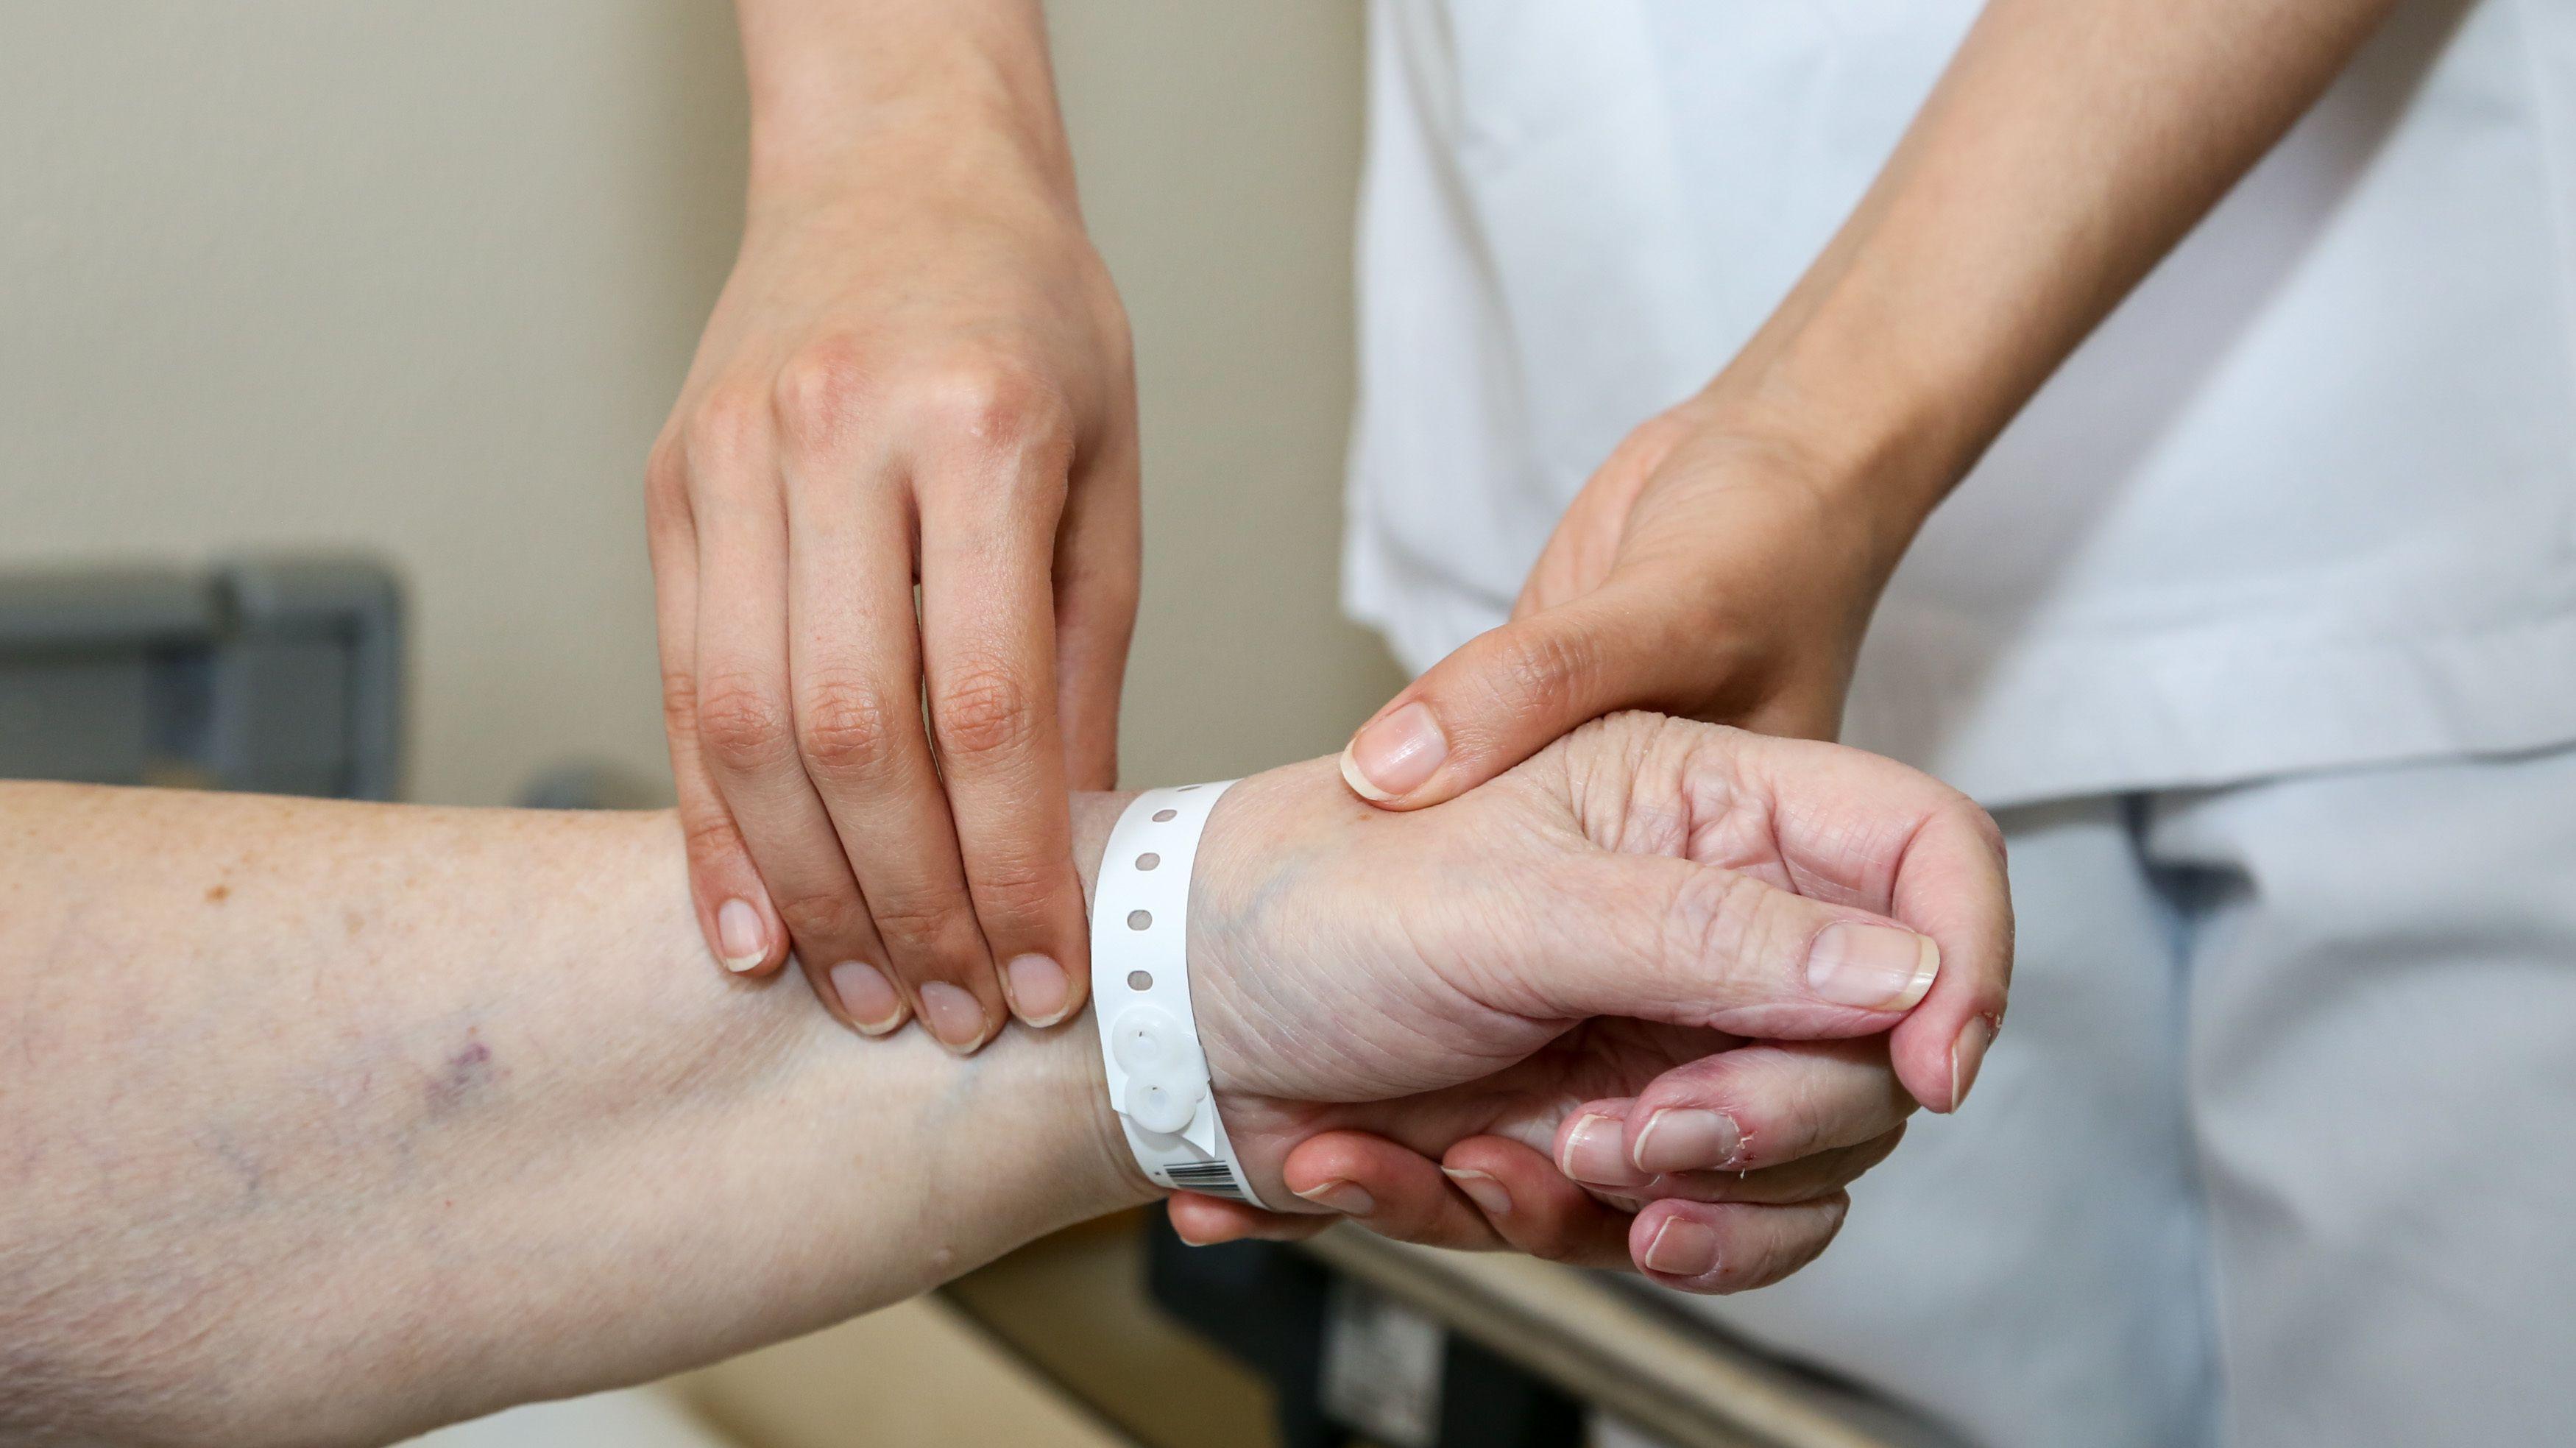 Krankenpflegeschülerin tastet den Puls einer Patientin